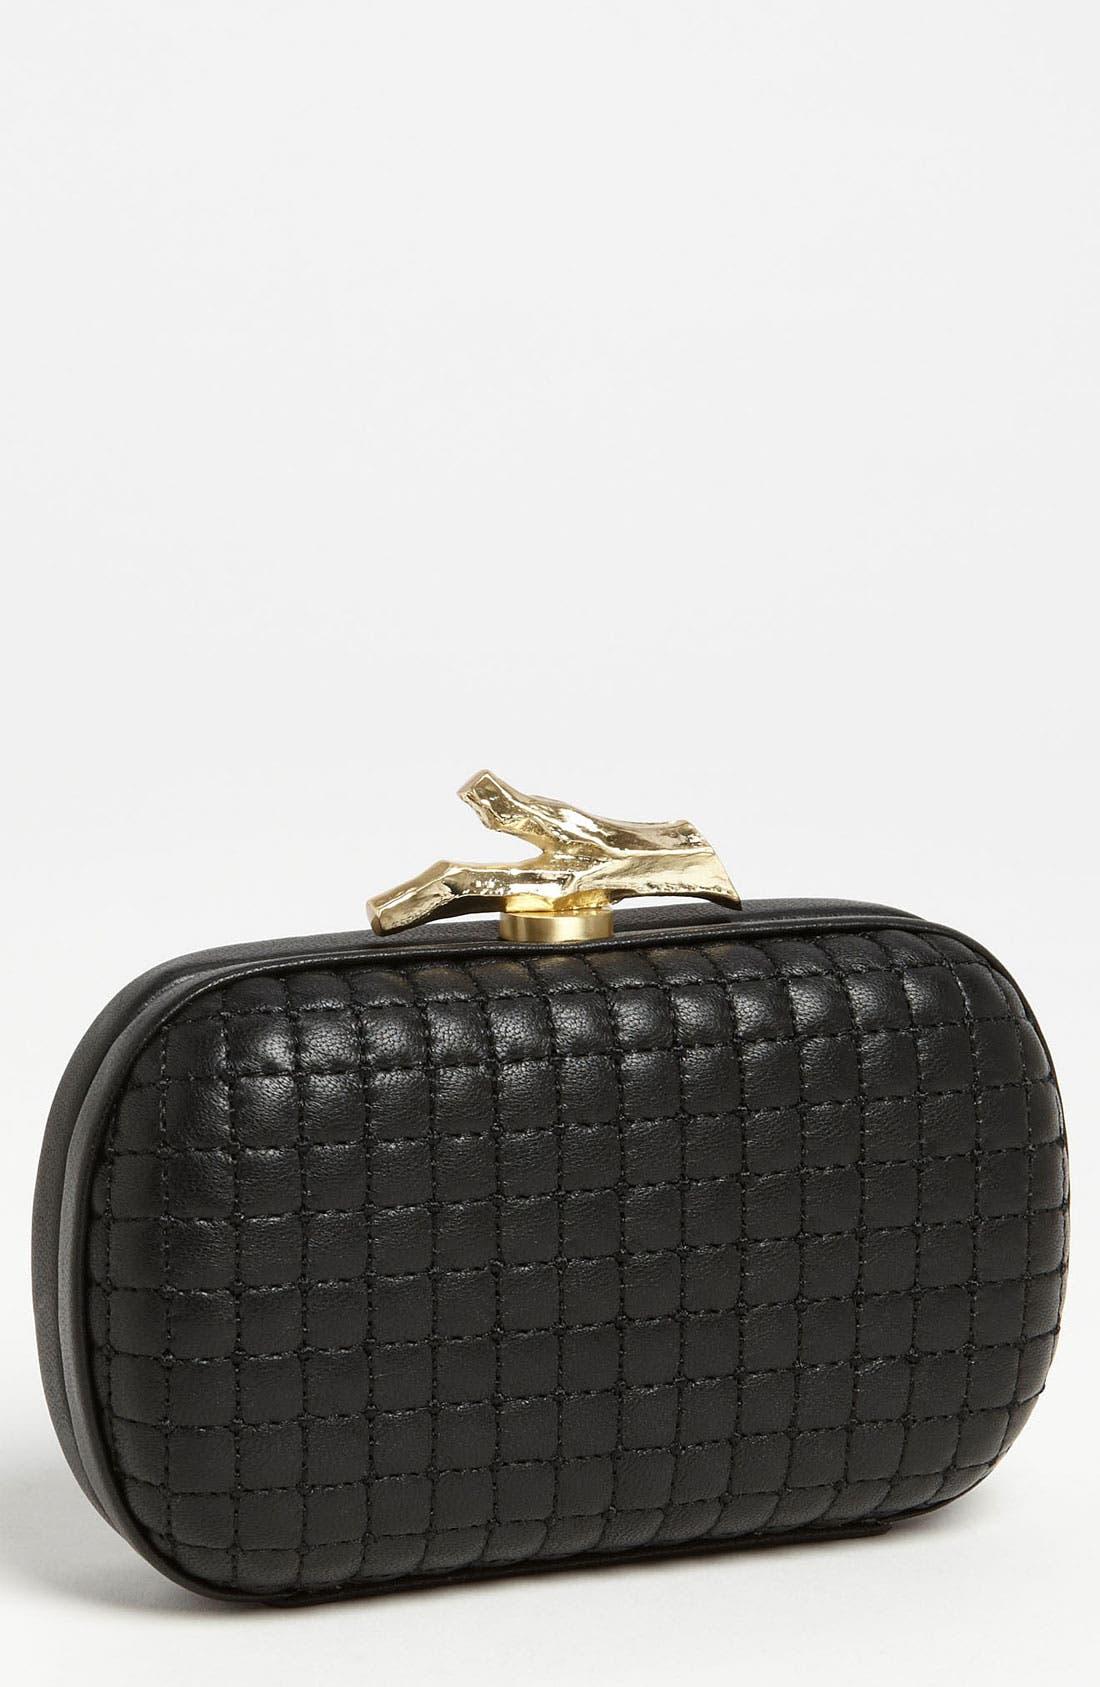 Main Image - Diane von Furstenberg 'Lytton' Quilted Leather Clutch